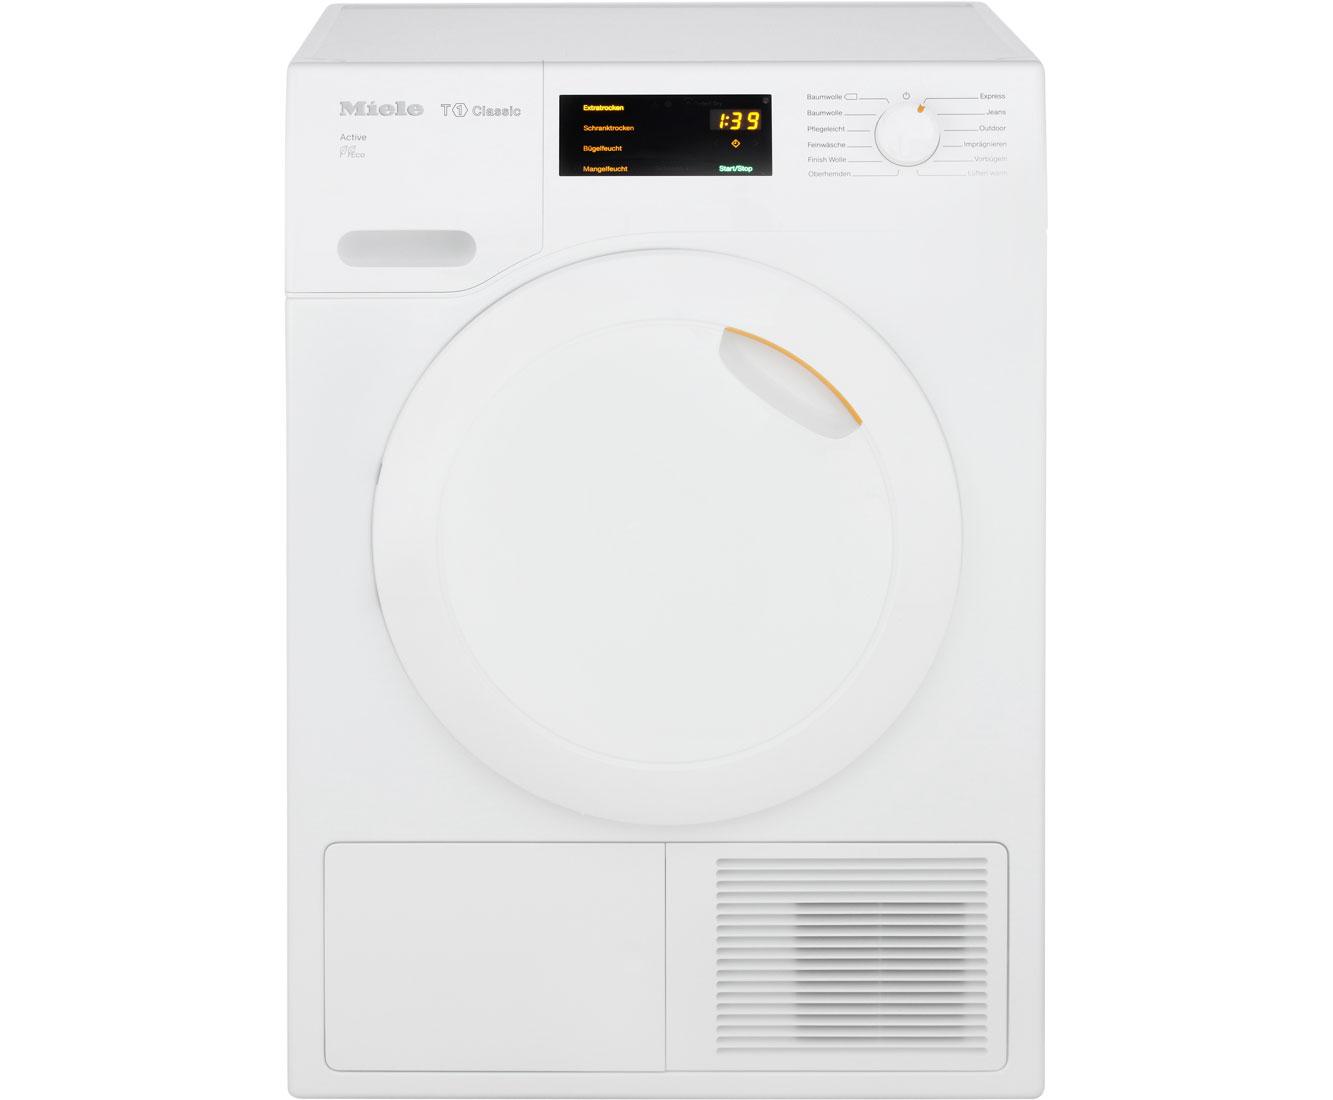 Miele waschmaschinen baureihe w und trockner baureihe t